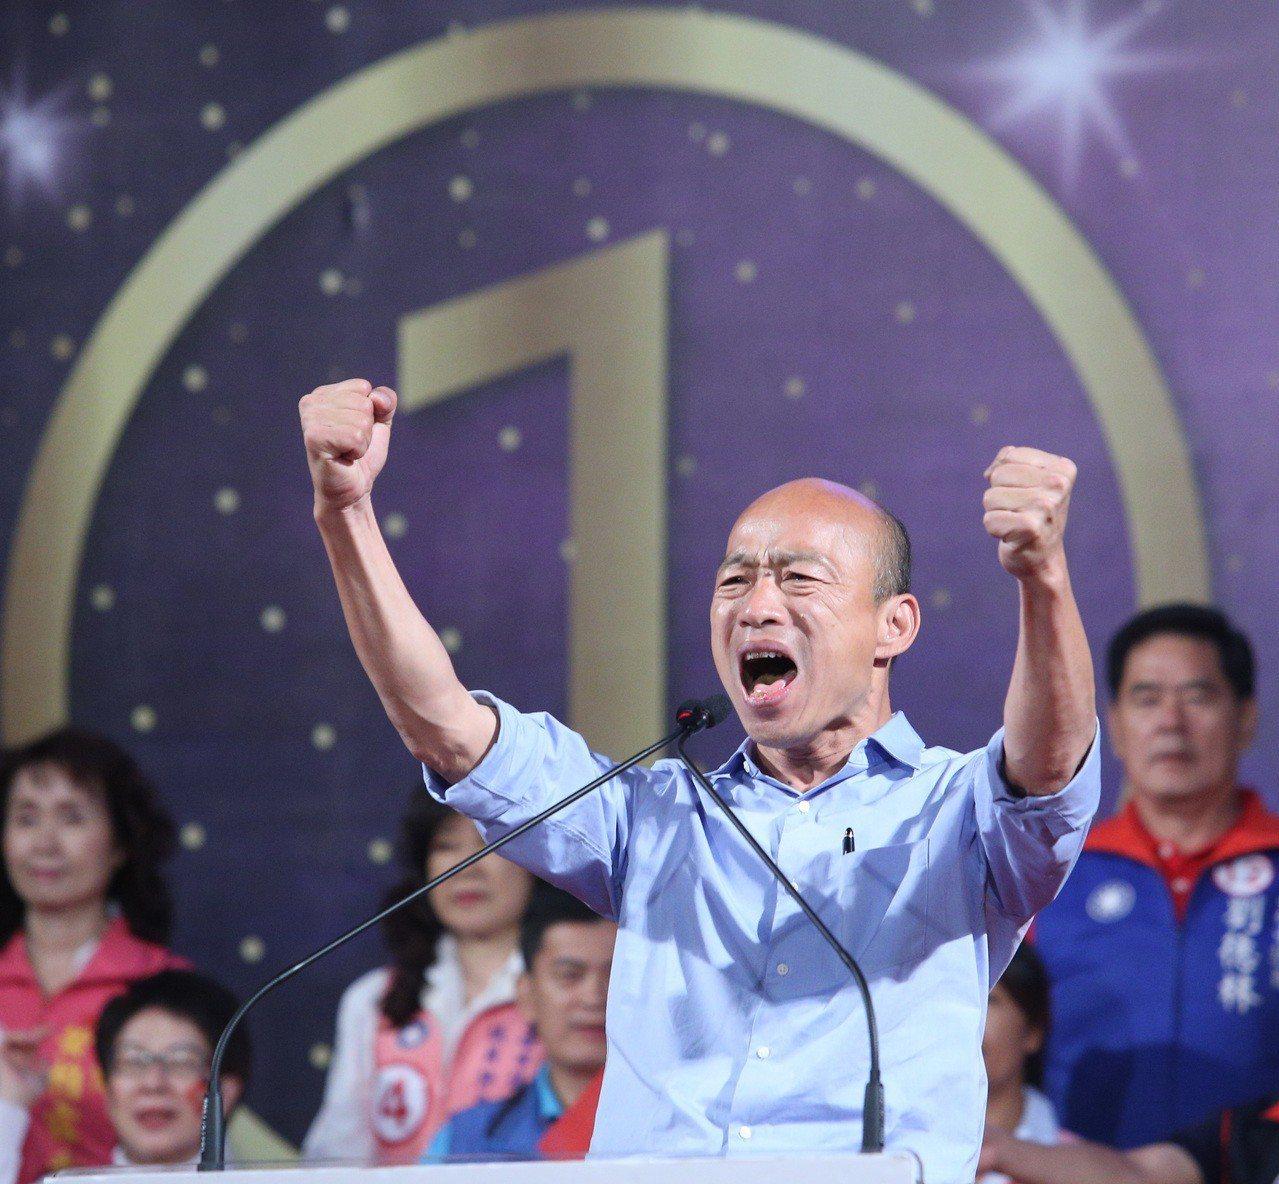 從基層拜票、出席造勢大會,乃至於發表勝選感言,新科高雄市長韓國瑜總是一件捲起袖子...